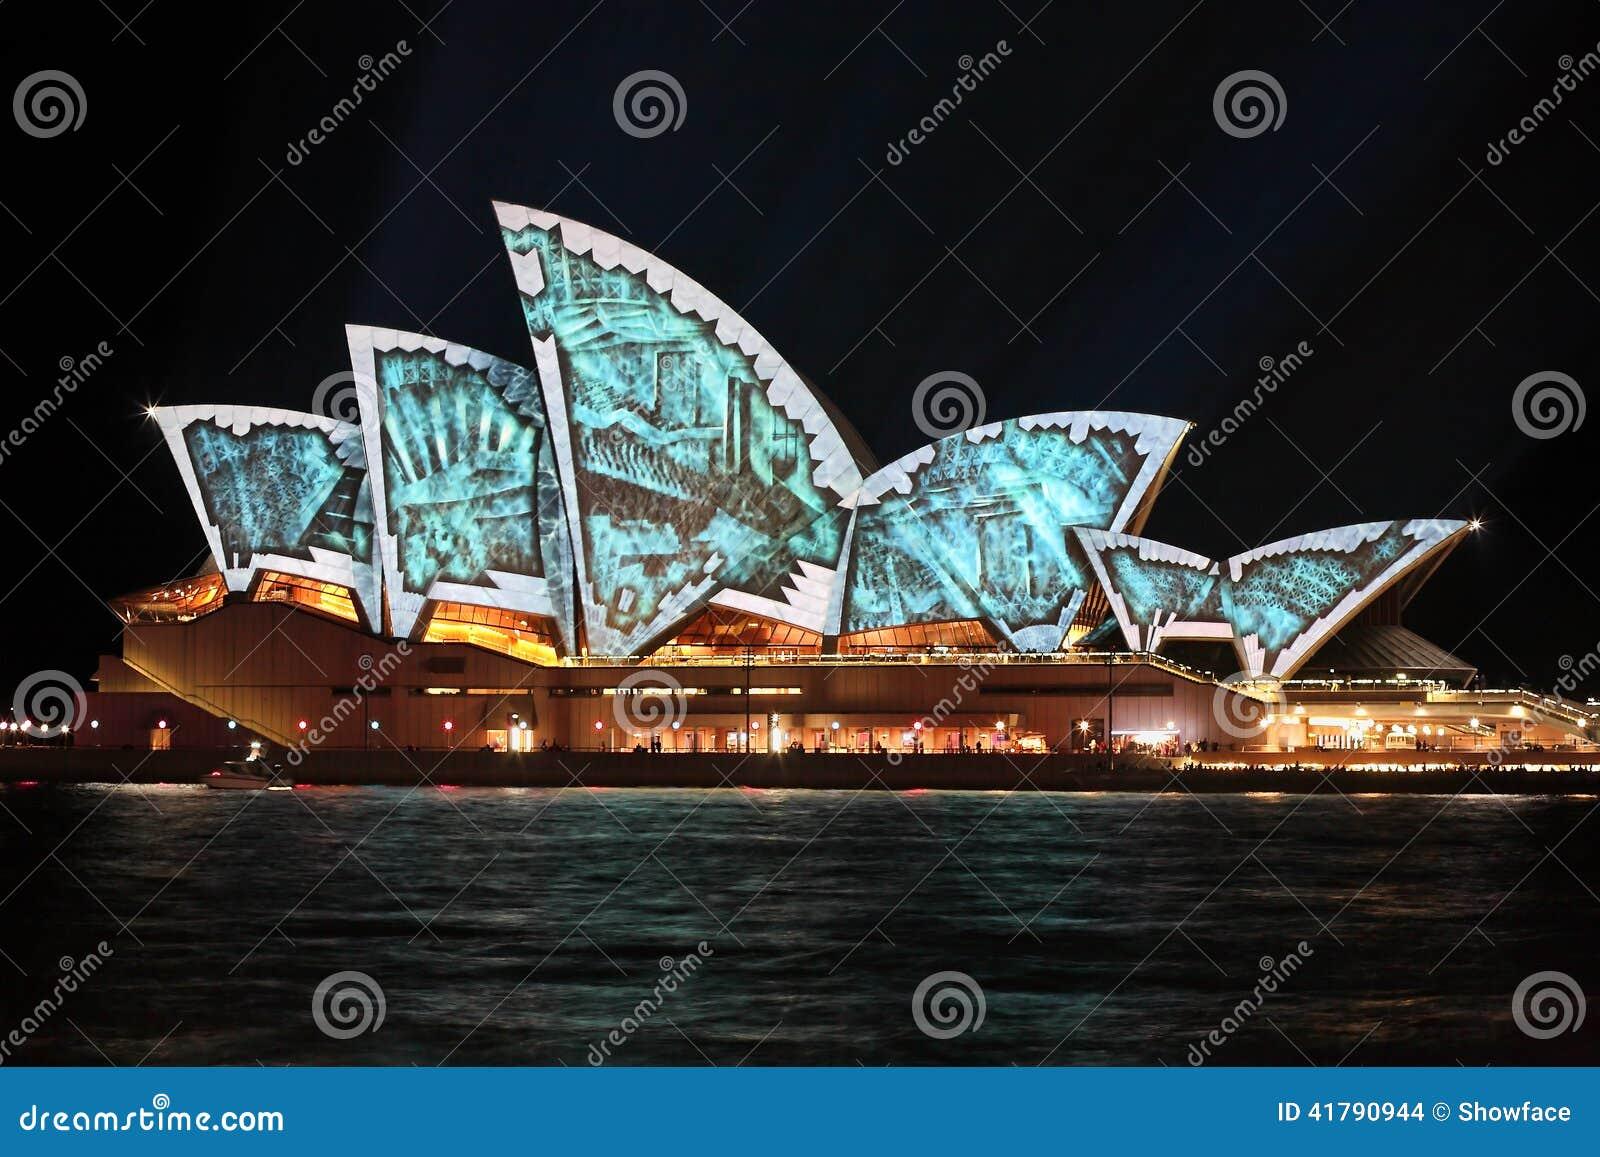 Bild Des Jahres Bei Wikimedia Phantastische Bilder besides Earth Full View additionally I0000dCHe moreover 3532 likewise Orange Fruit. on sydney opera house design orange